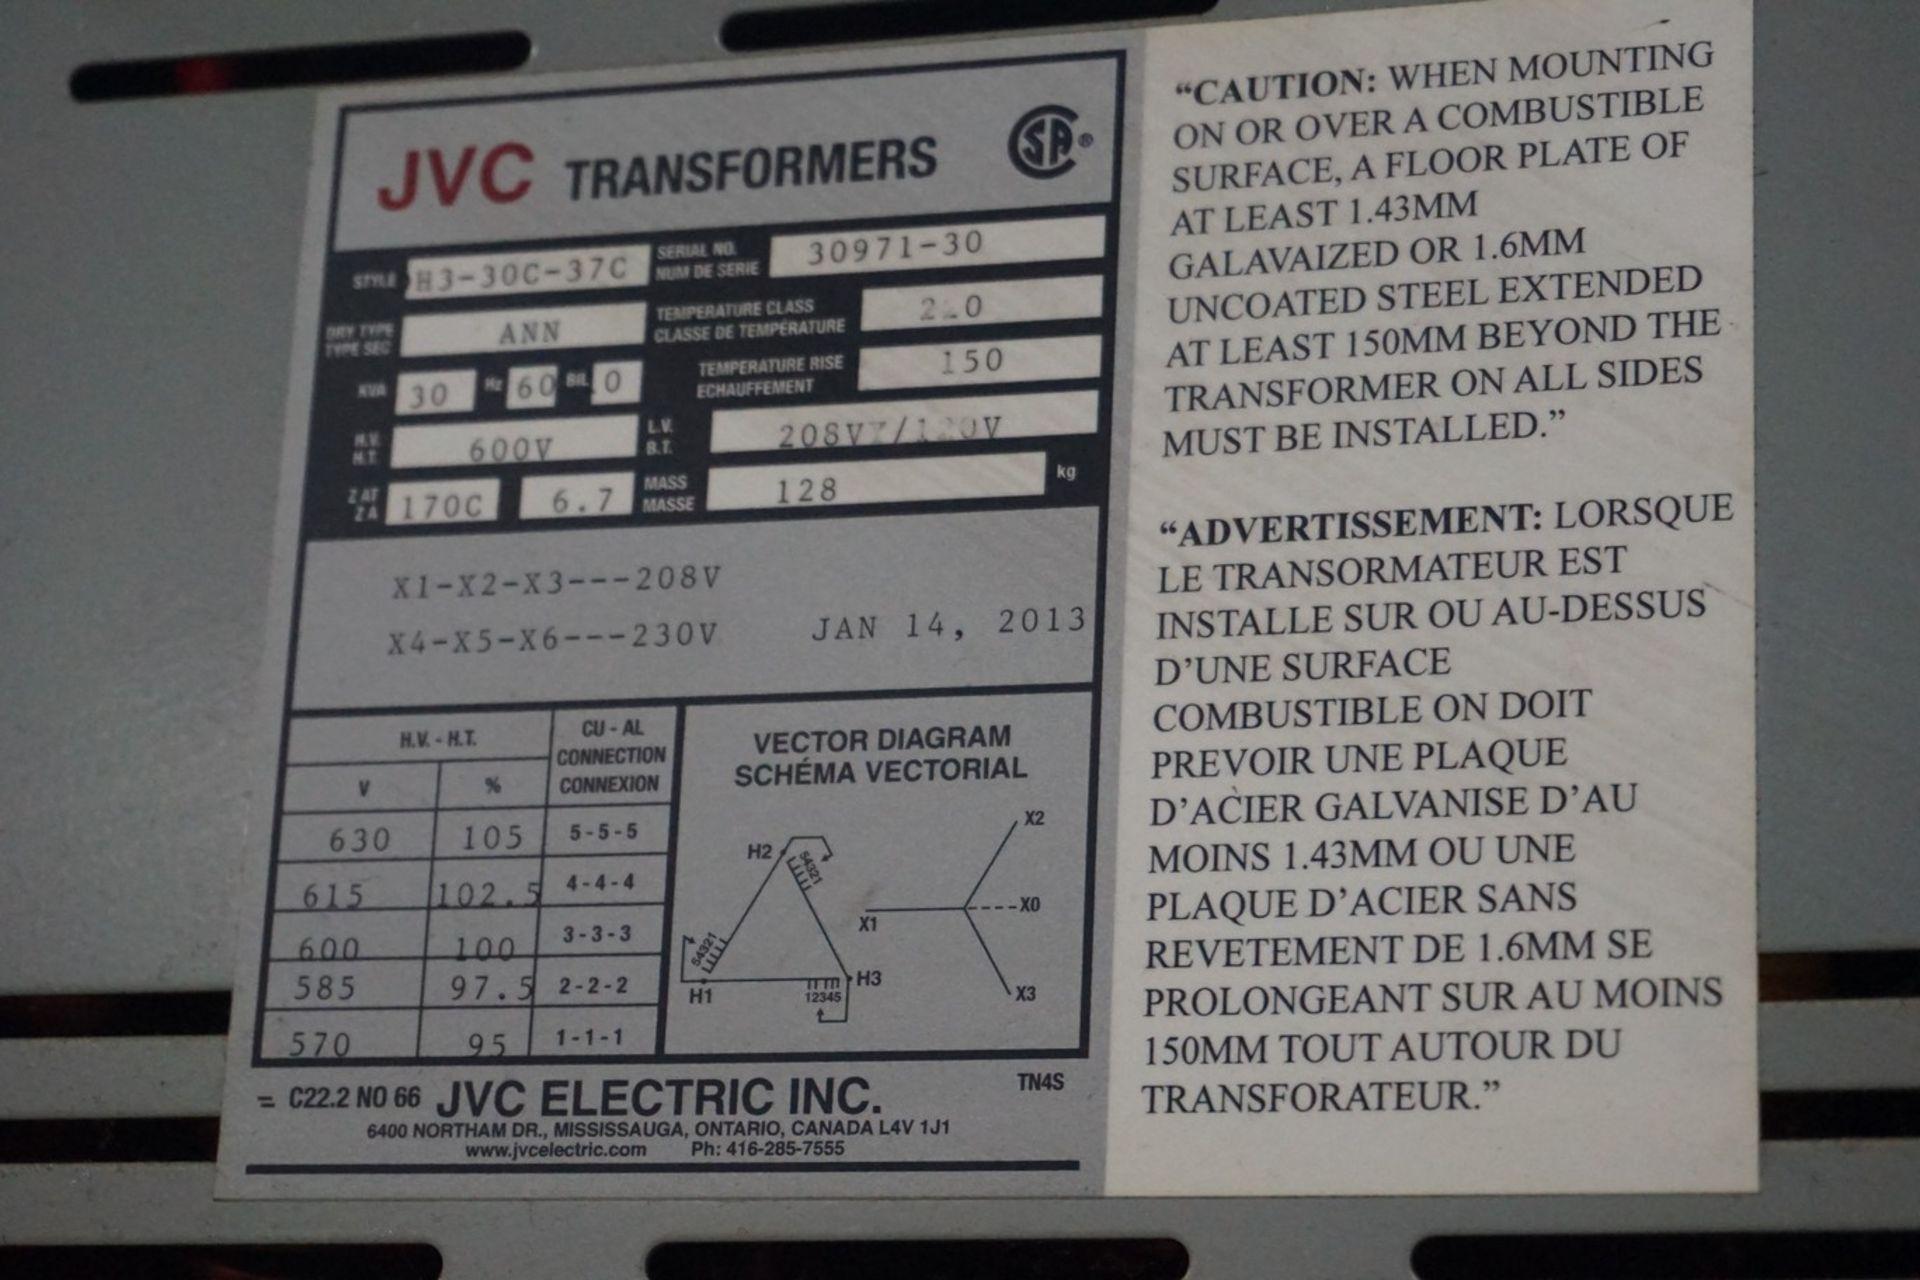 Okuma Model LCC15-2S CNC Lathe 220/240V c/w Chip Conveyor, Transformer - Image 10 of 11